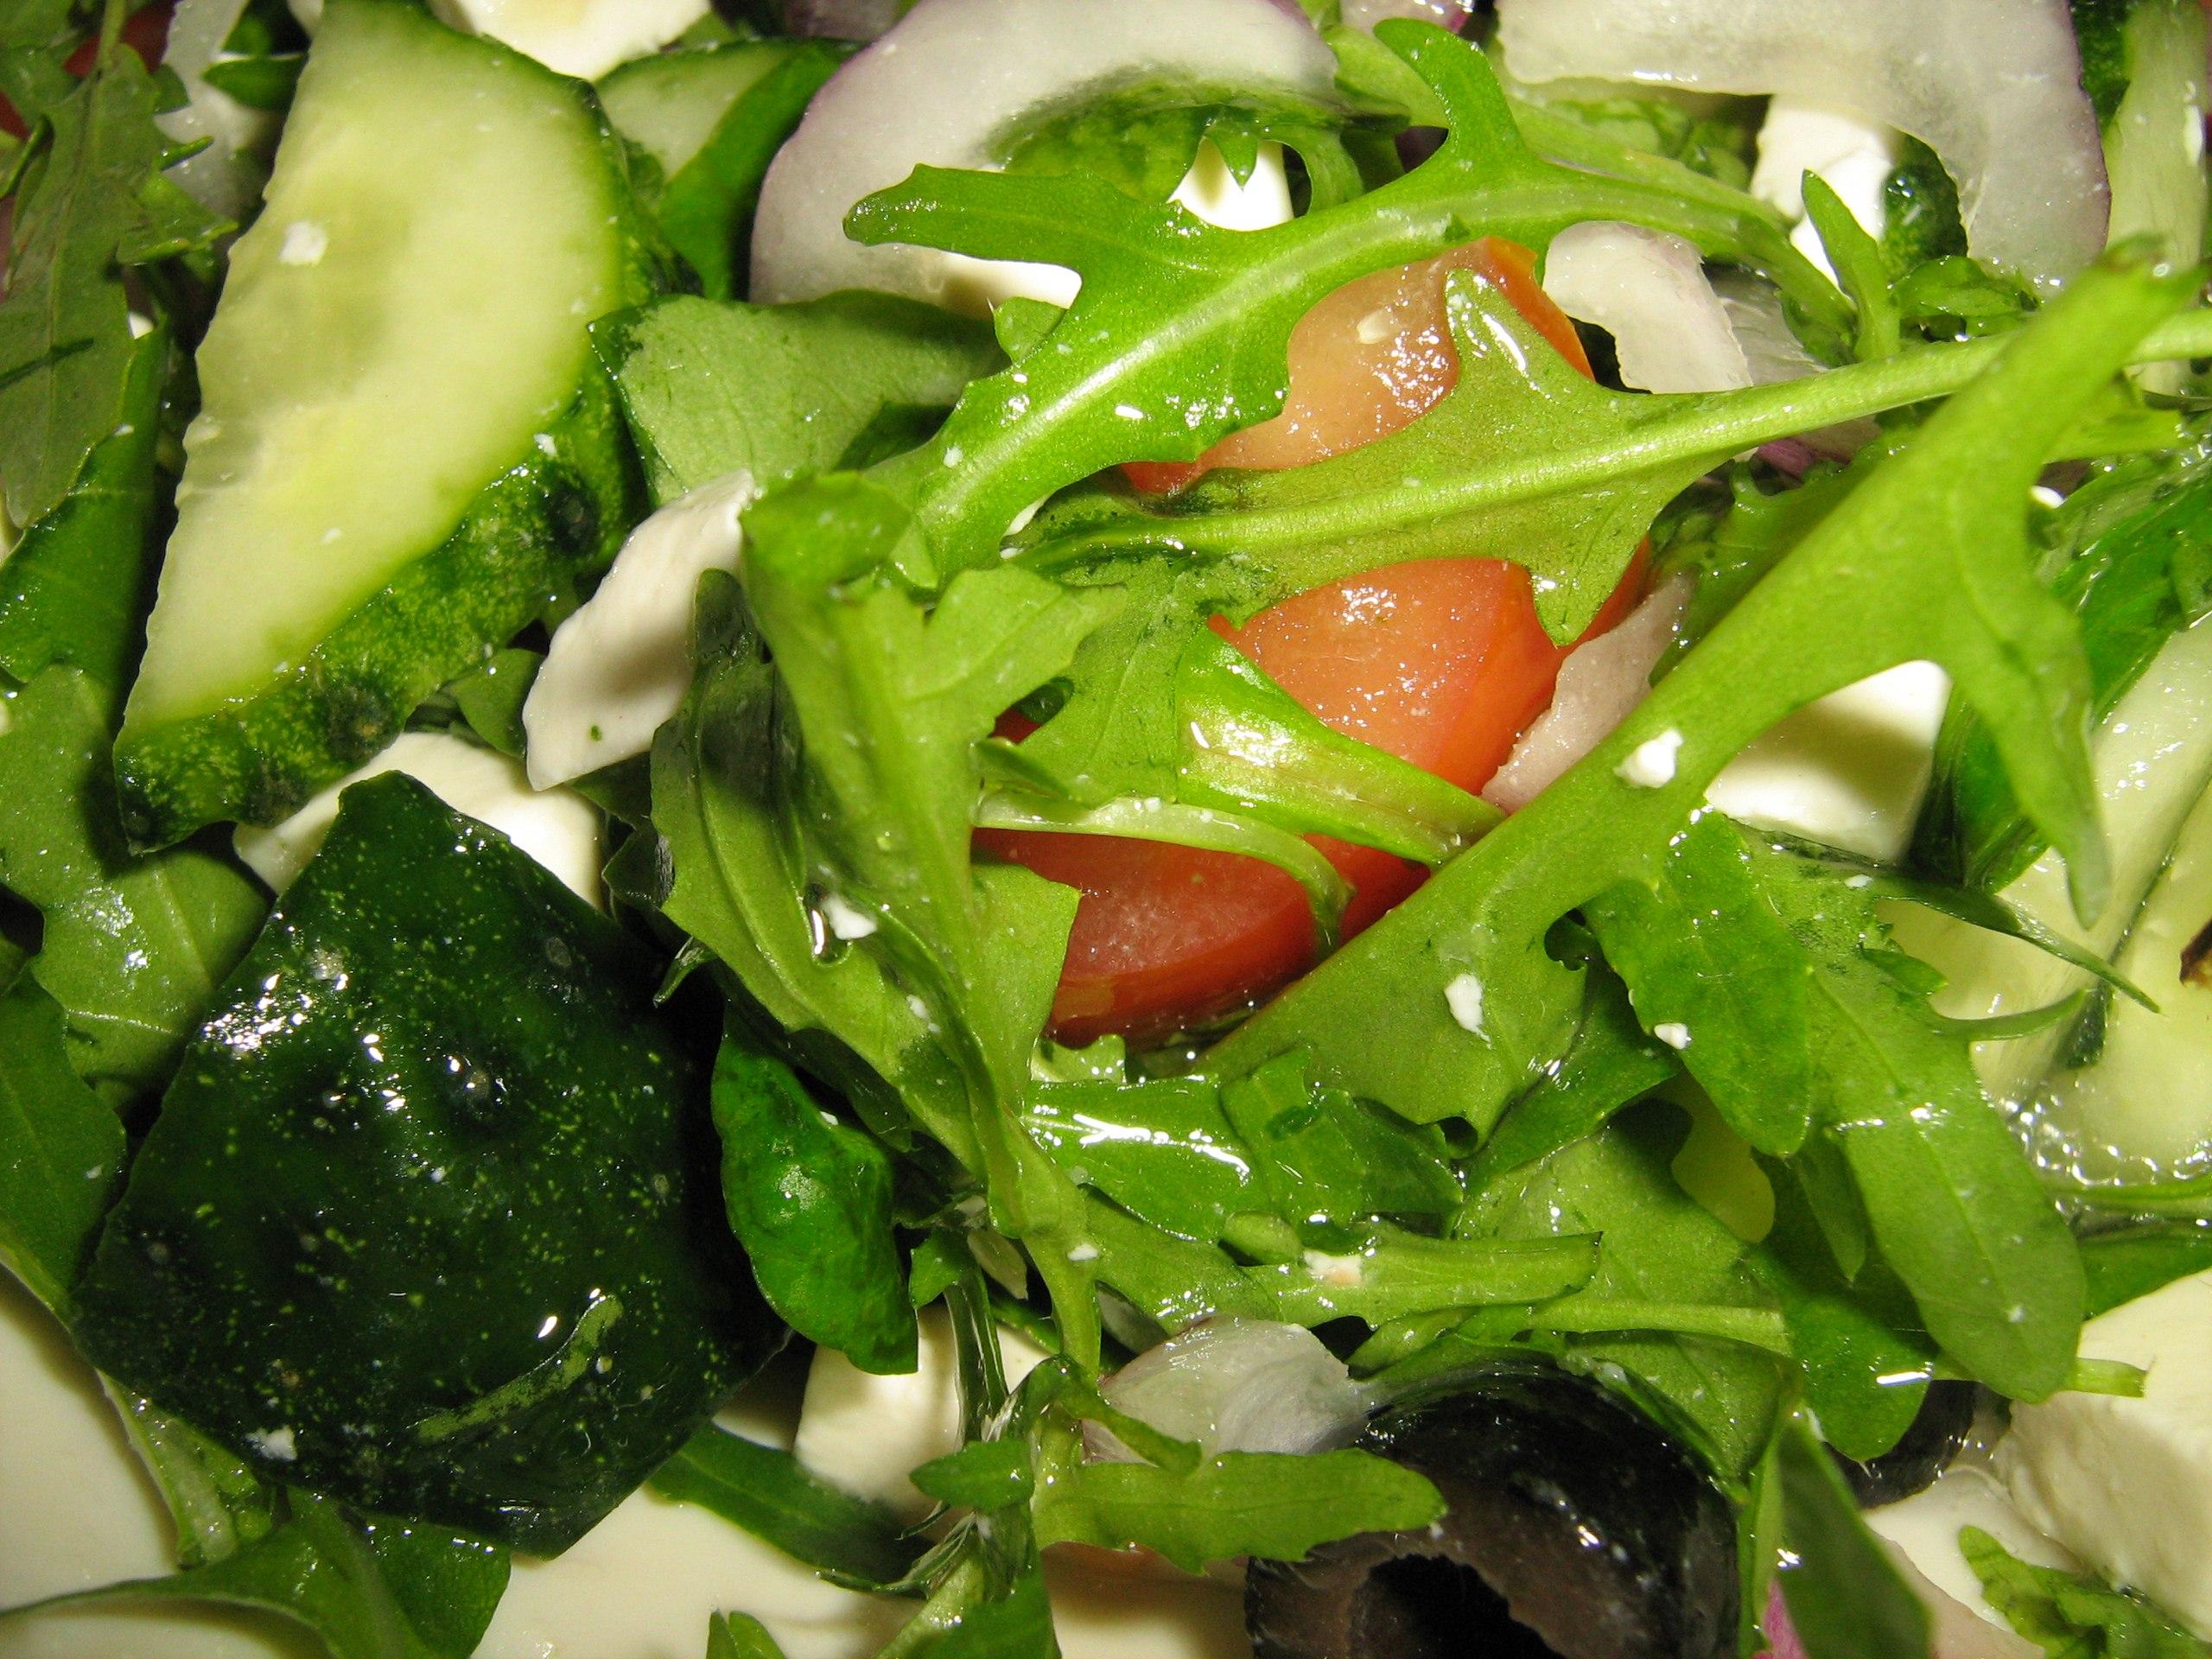 народу салаты из листьев салата рецепты с фото воспользоваться